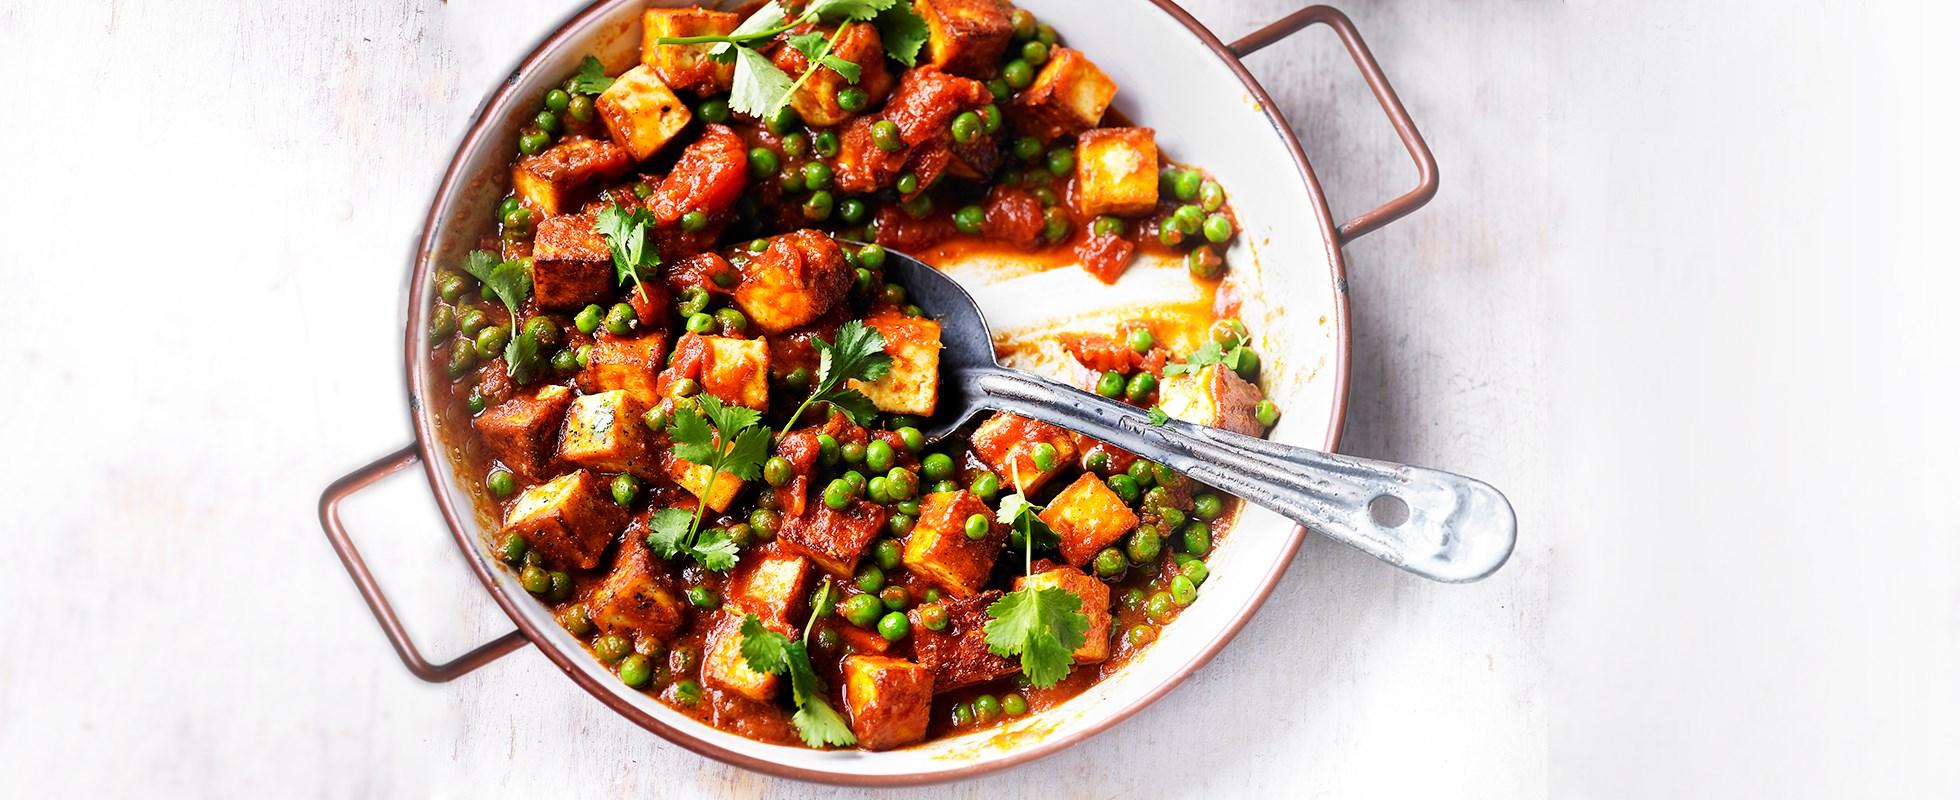 Best curries - mutter paneer